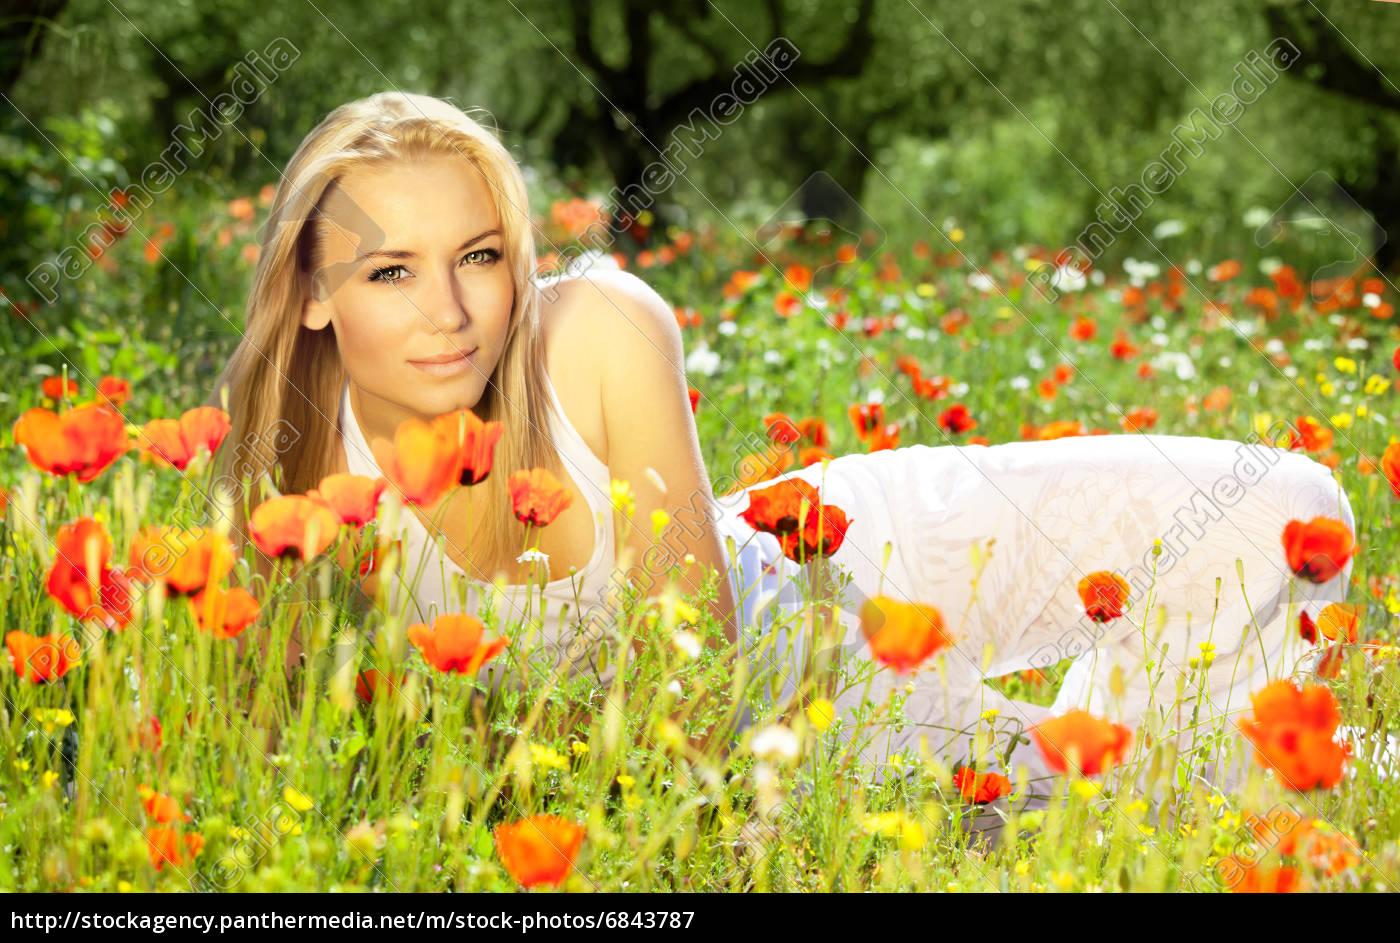 Schöne Weibliche Verlegung Auf Der Blumenwiese Lizenzfreies Bild